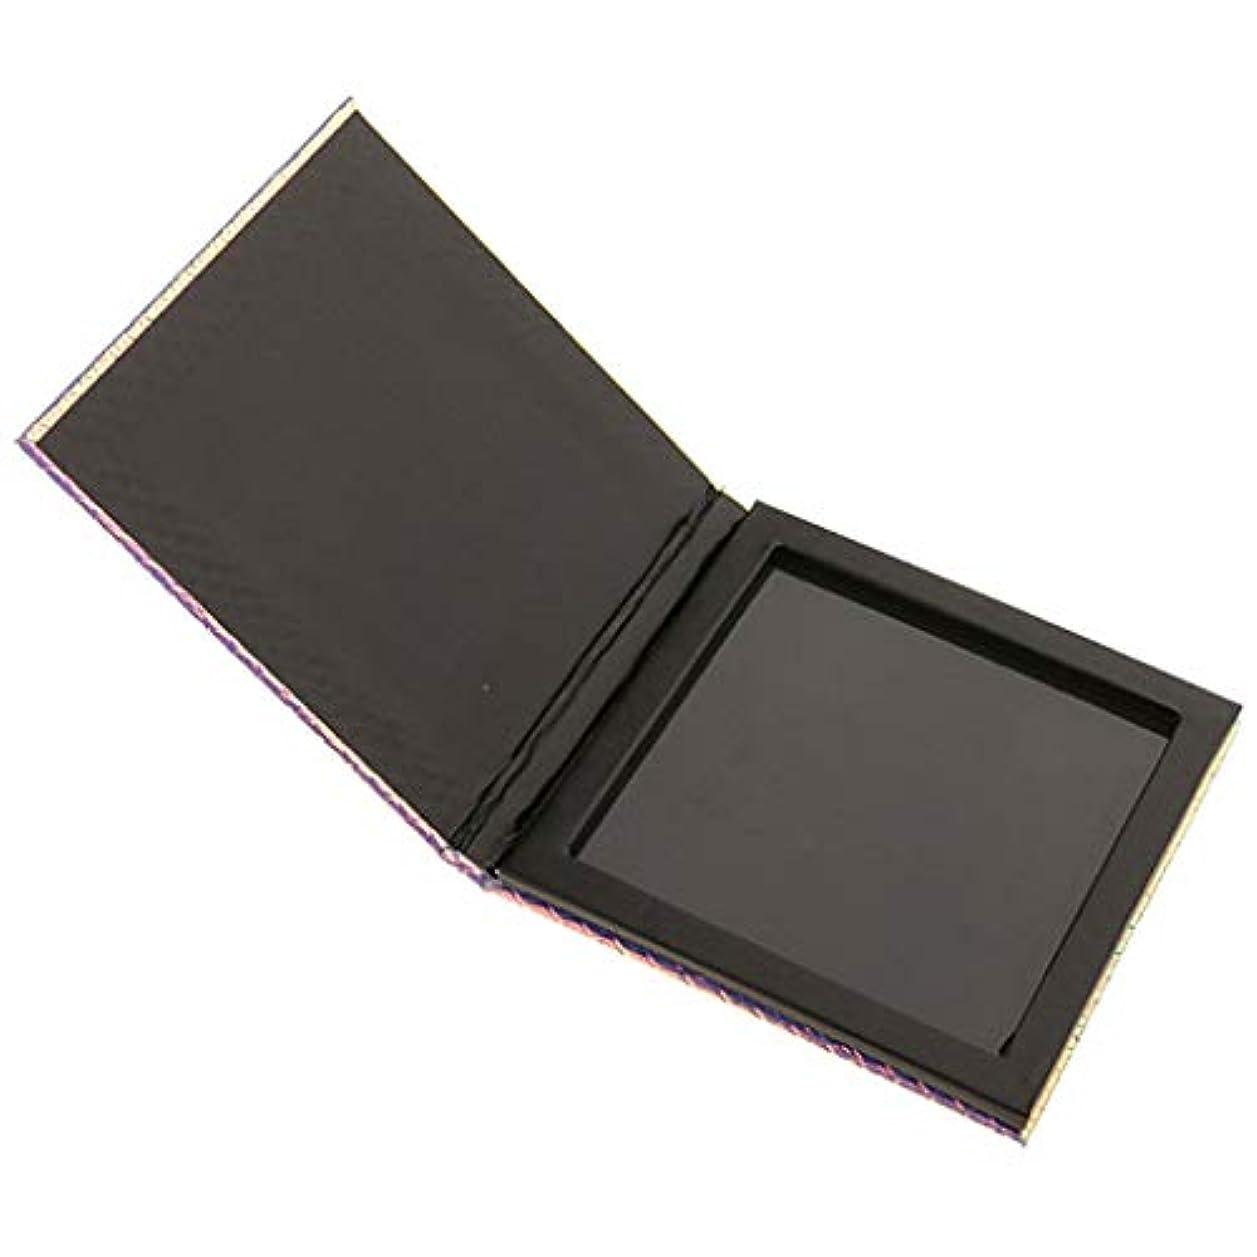 安価な単位埋める空の磁気パレット化粧パレットパッドヒョウ大パターンDIYパレット新しい